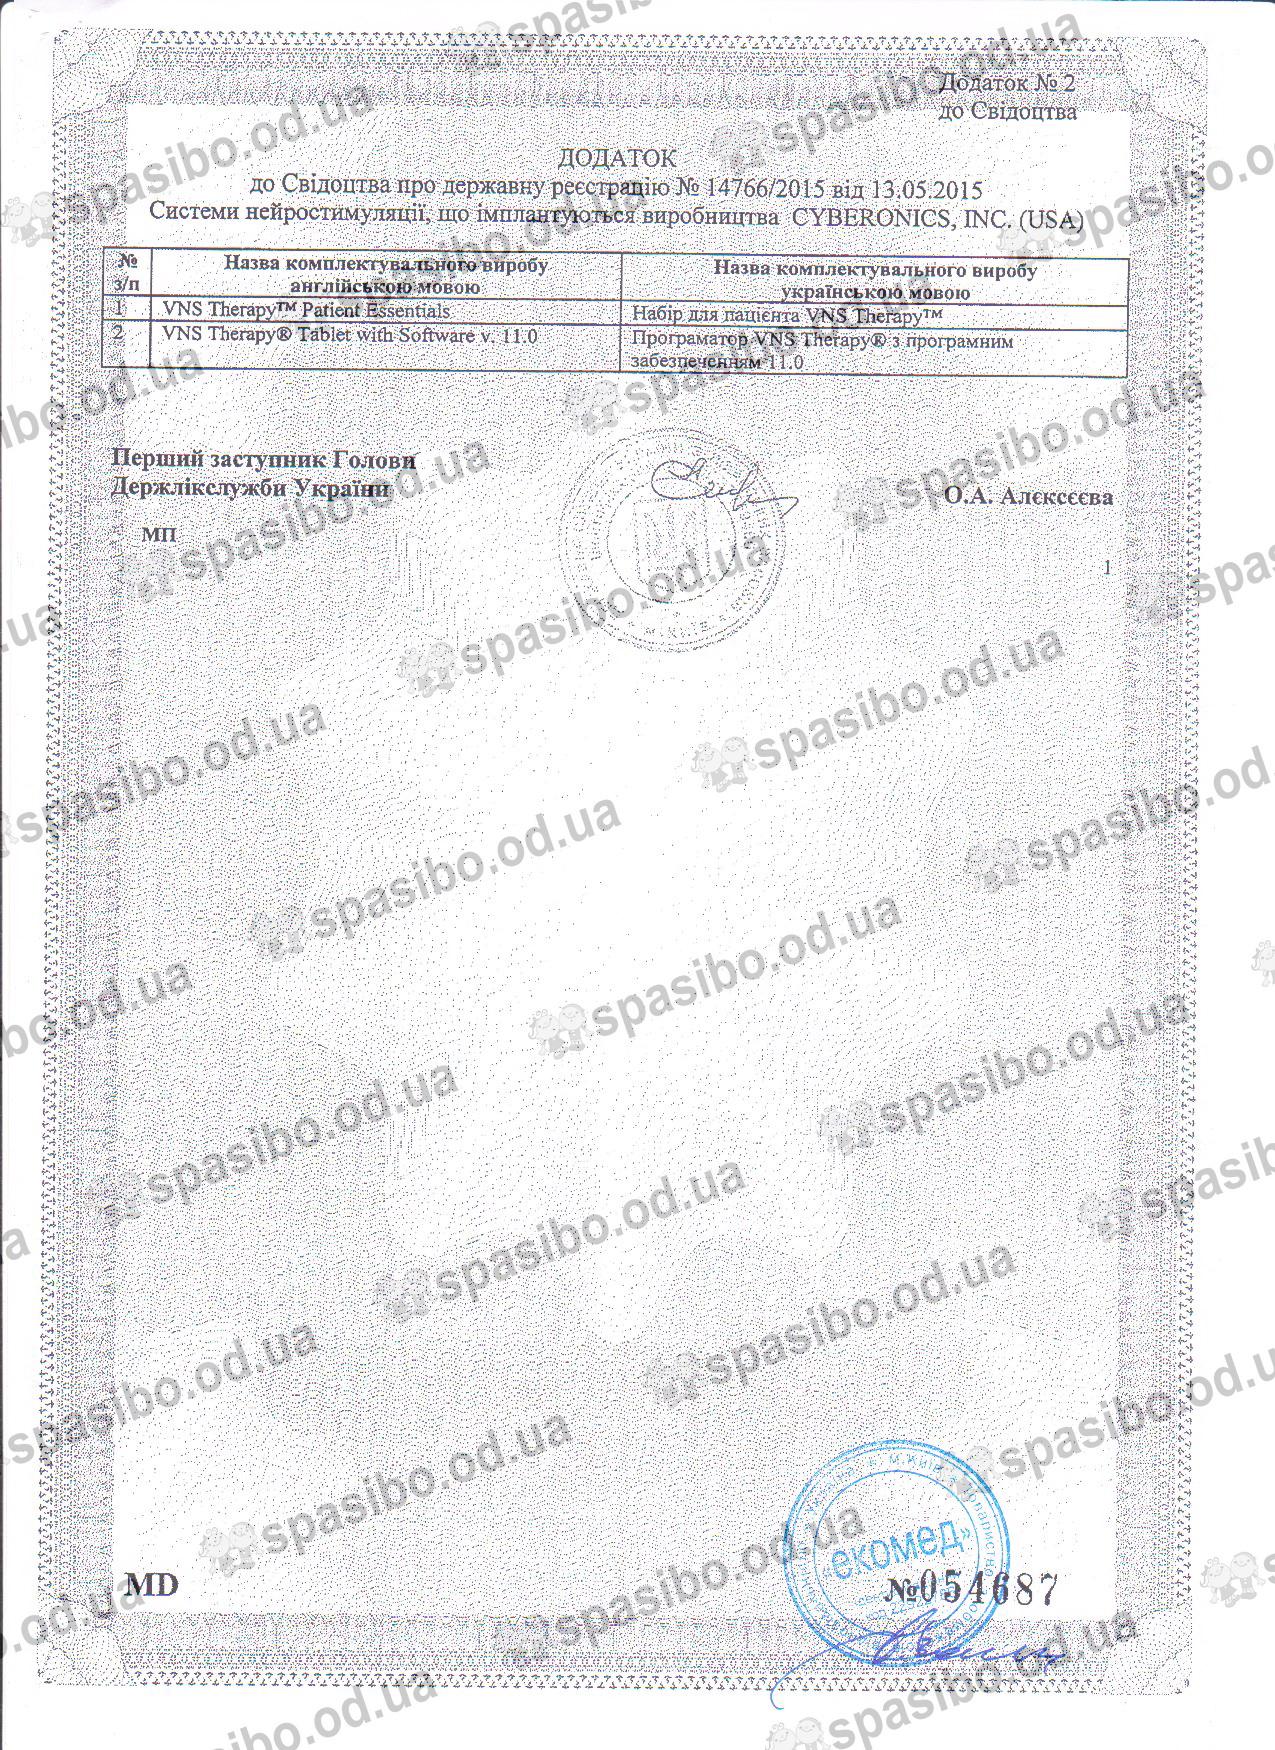 Св-во про держ. реєстрацію лікарских засобів 002